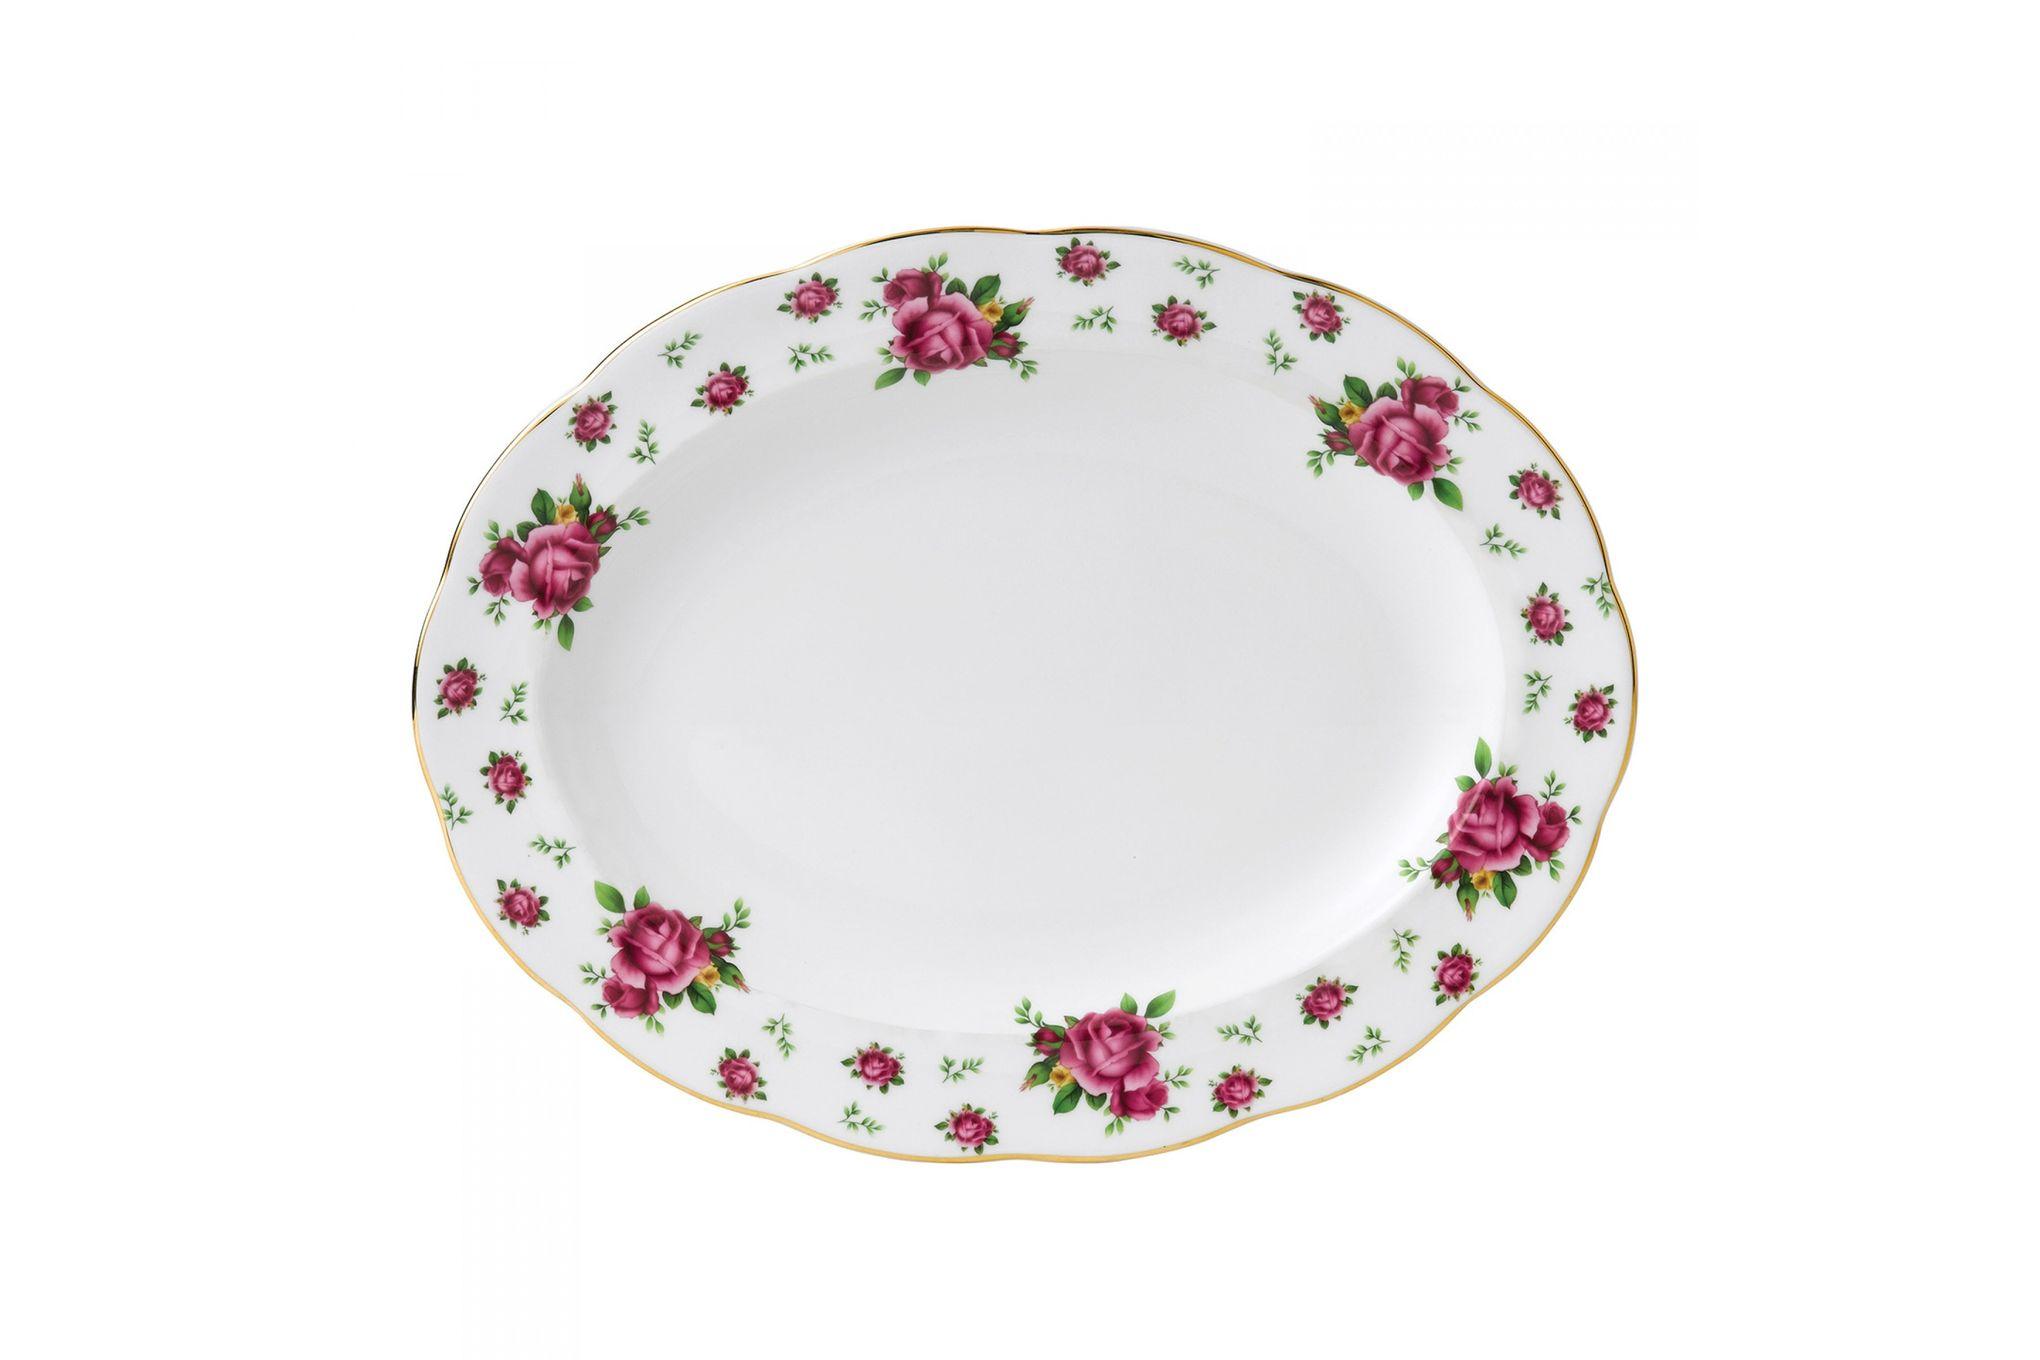 Royal Albert New Country Roses White Oval Platter 33cm thumb 1